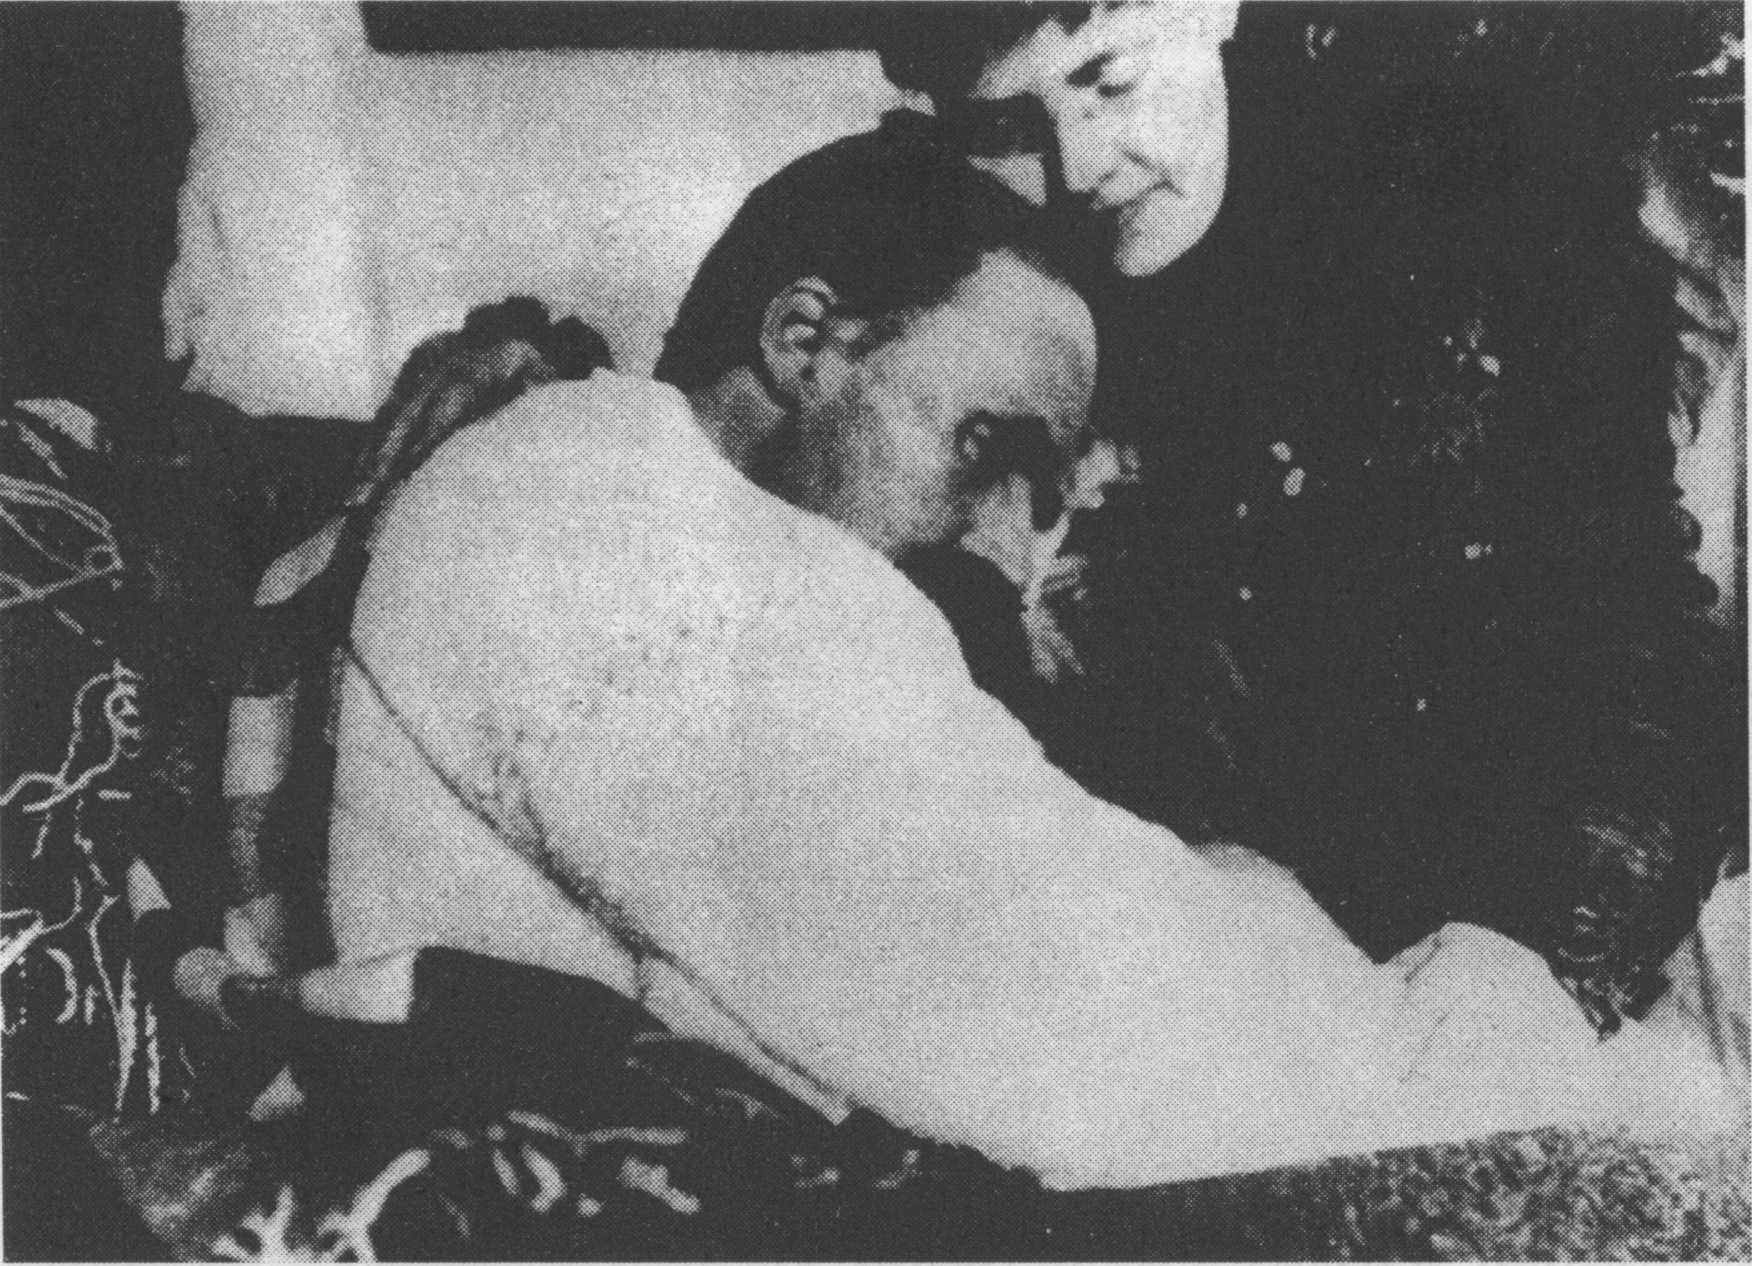 Nietzsche_3_Olde_06